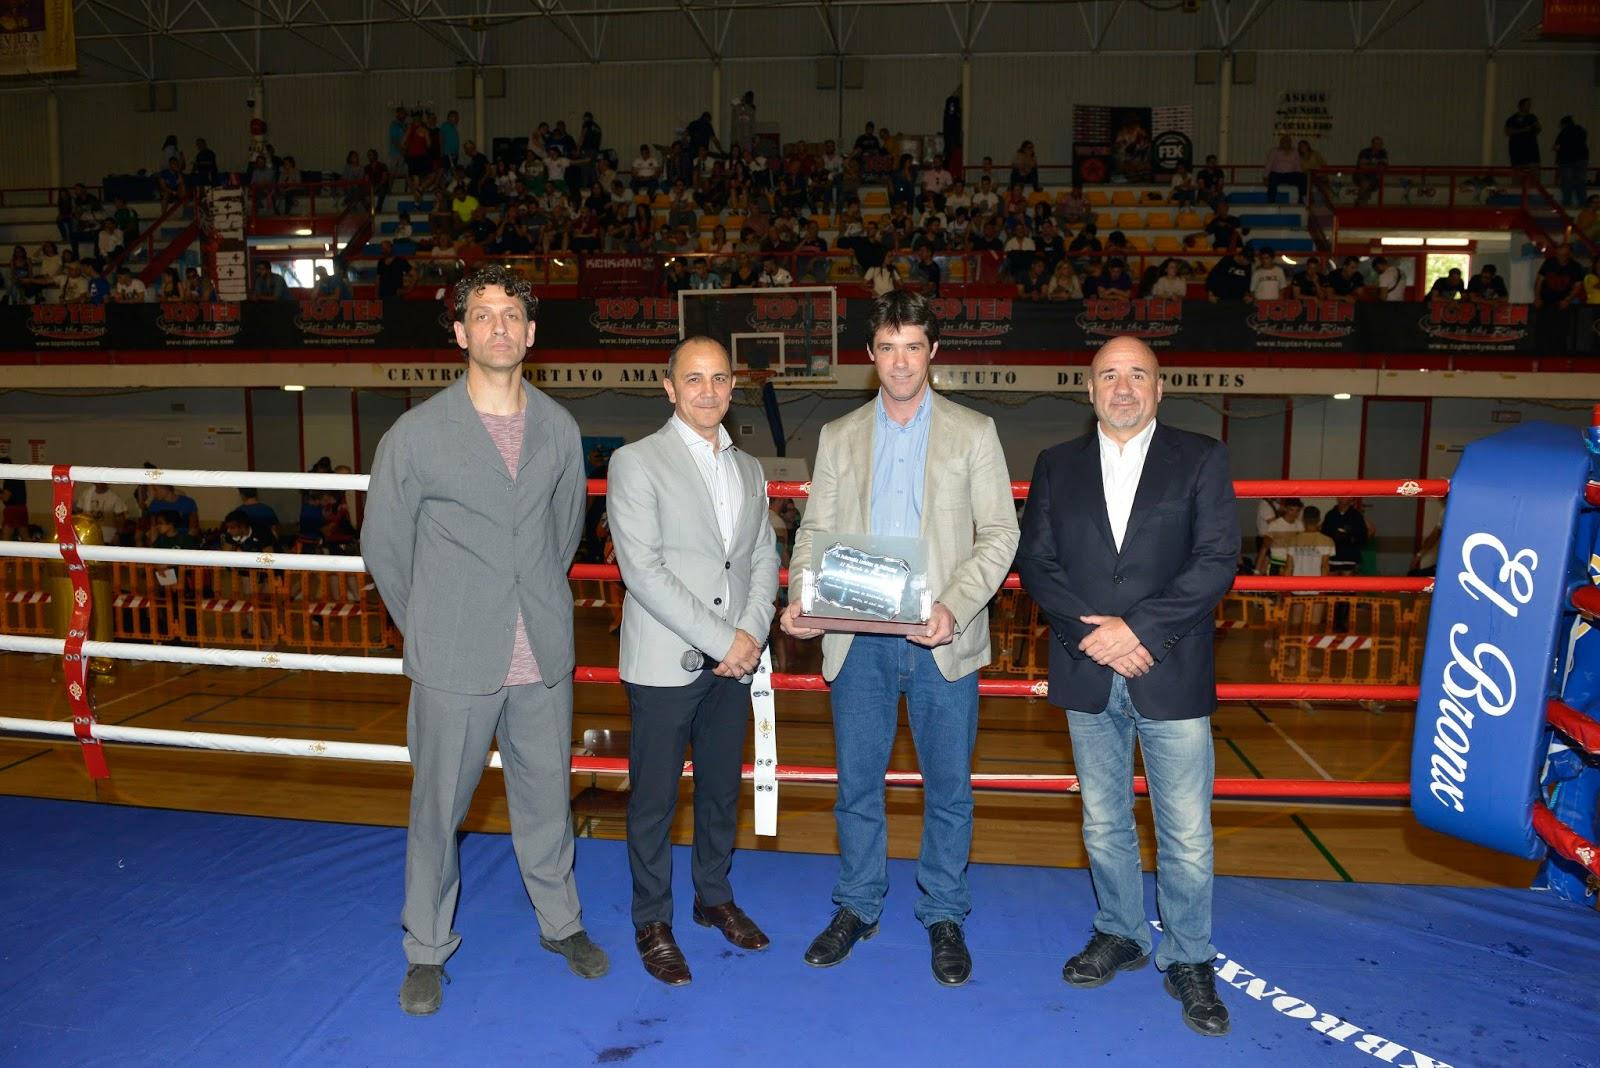 Gel n noticias el delegado de deportes del ayuntamiento - Pabellon de deportes de madrid ...